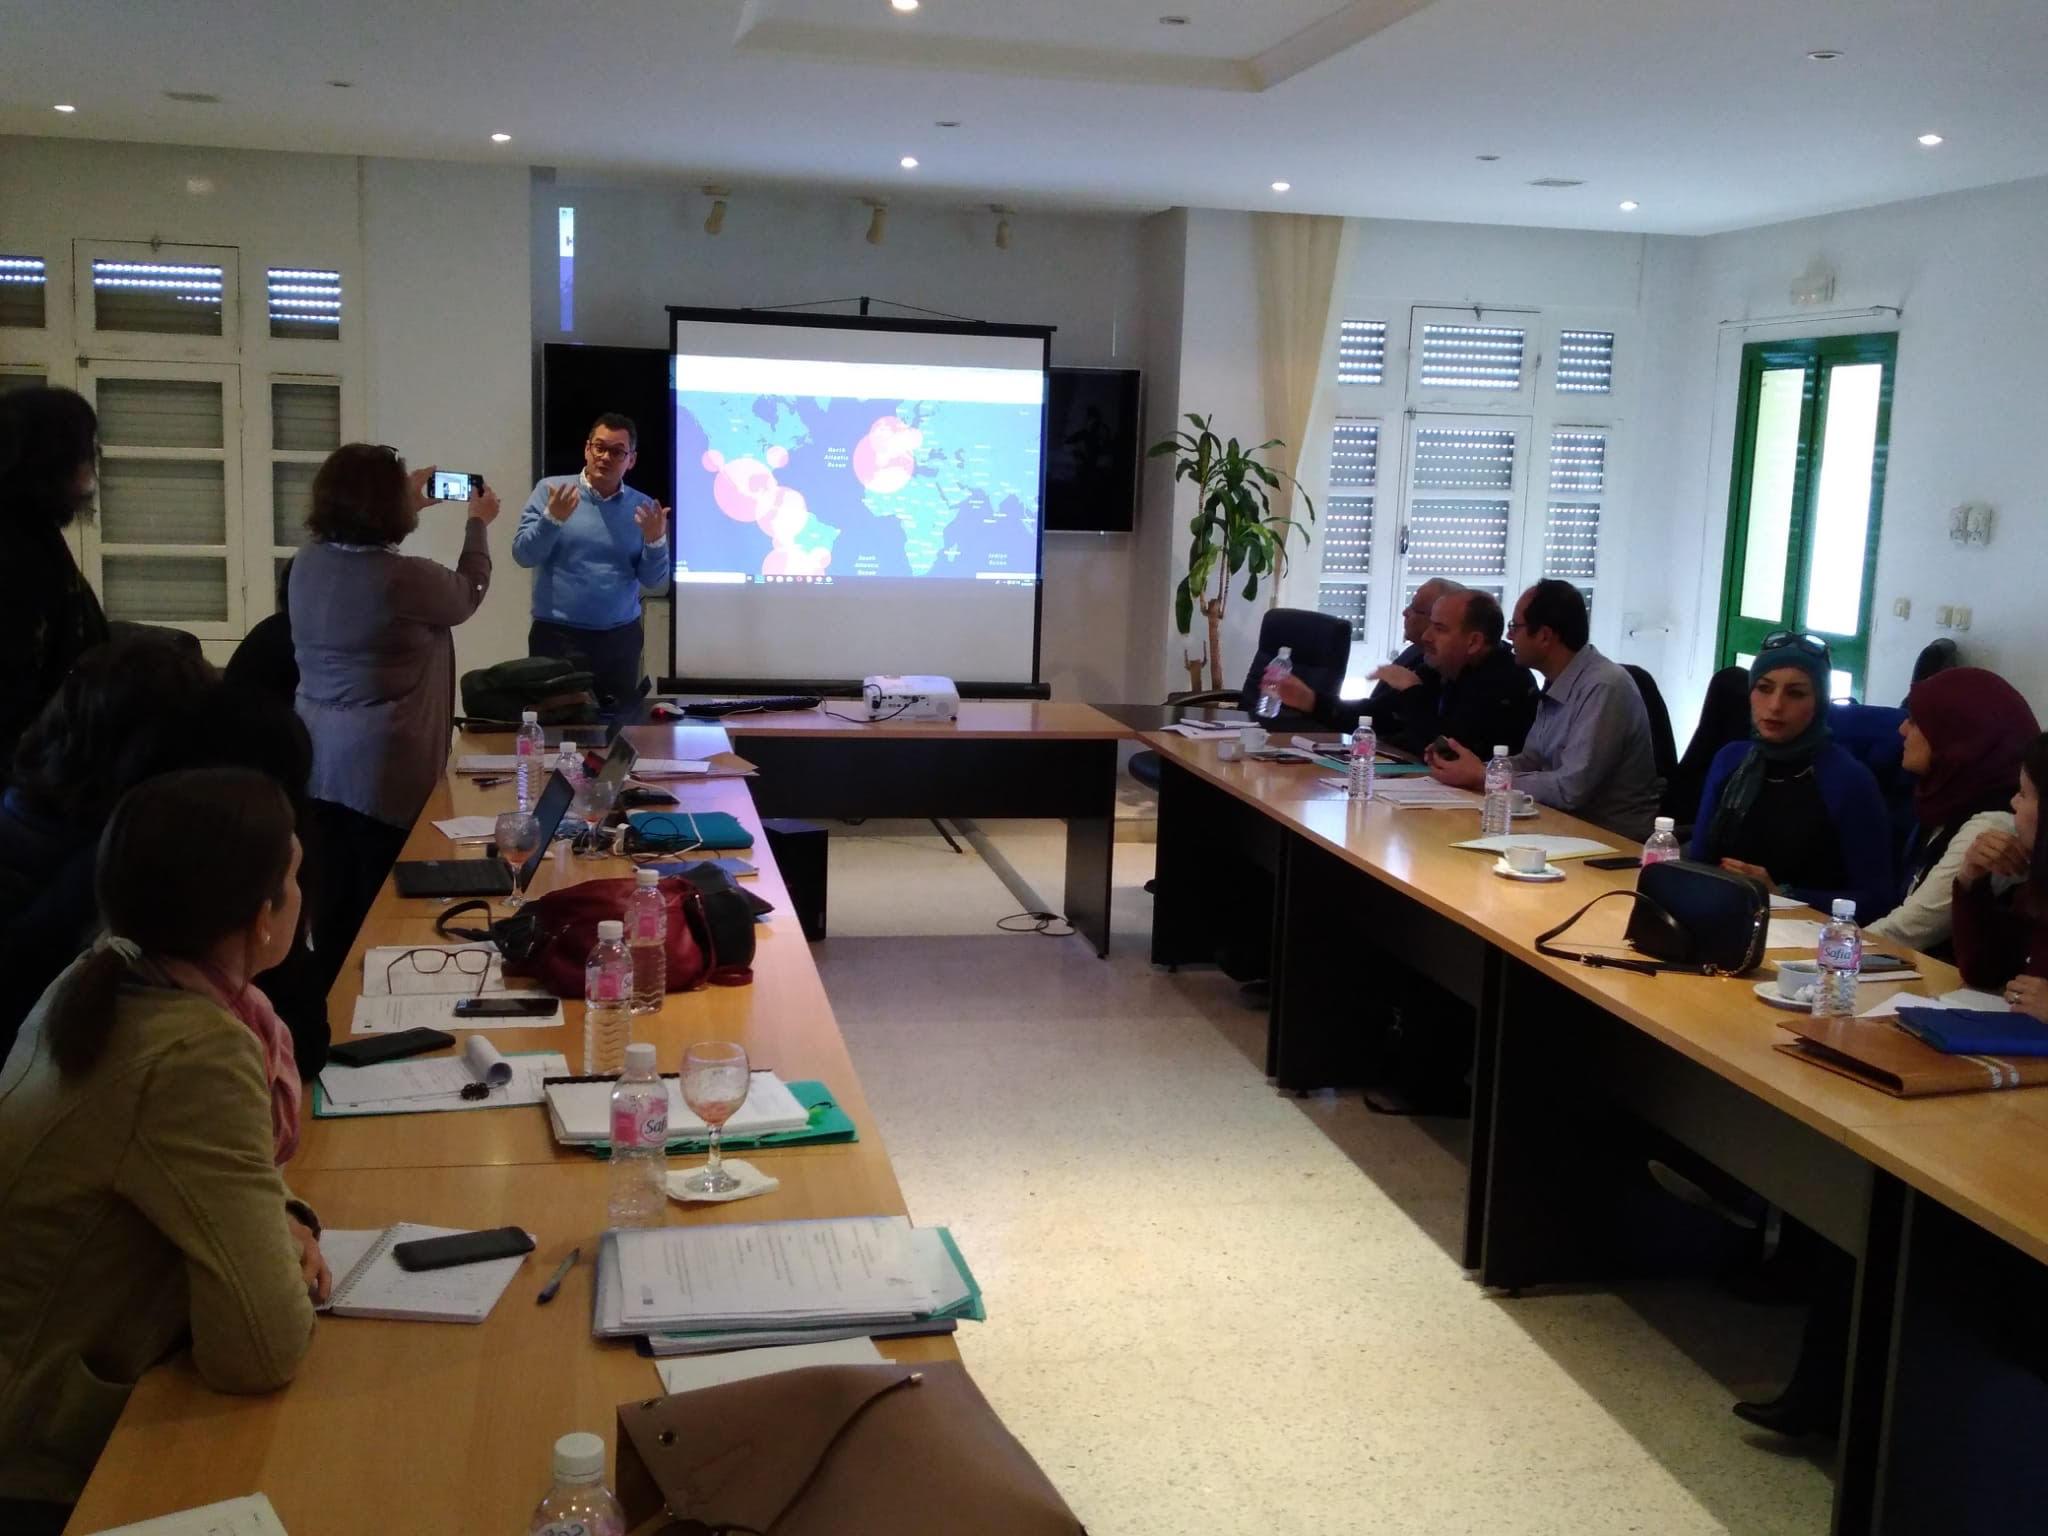 Comienza el proyecto RAQMYAT para potenciar las ciencias sociales y humanidades digitales en universidades tunecinas